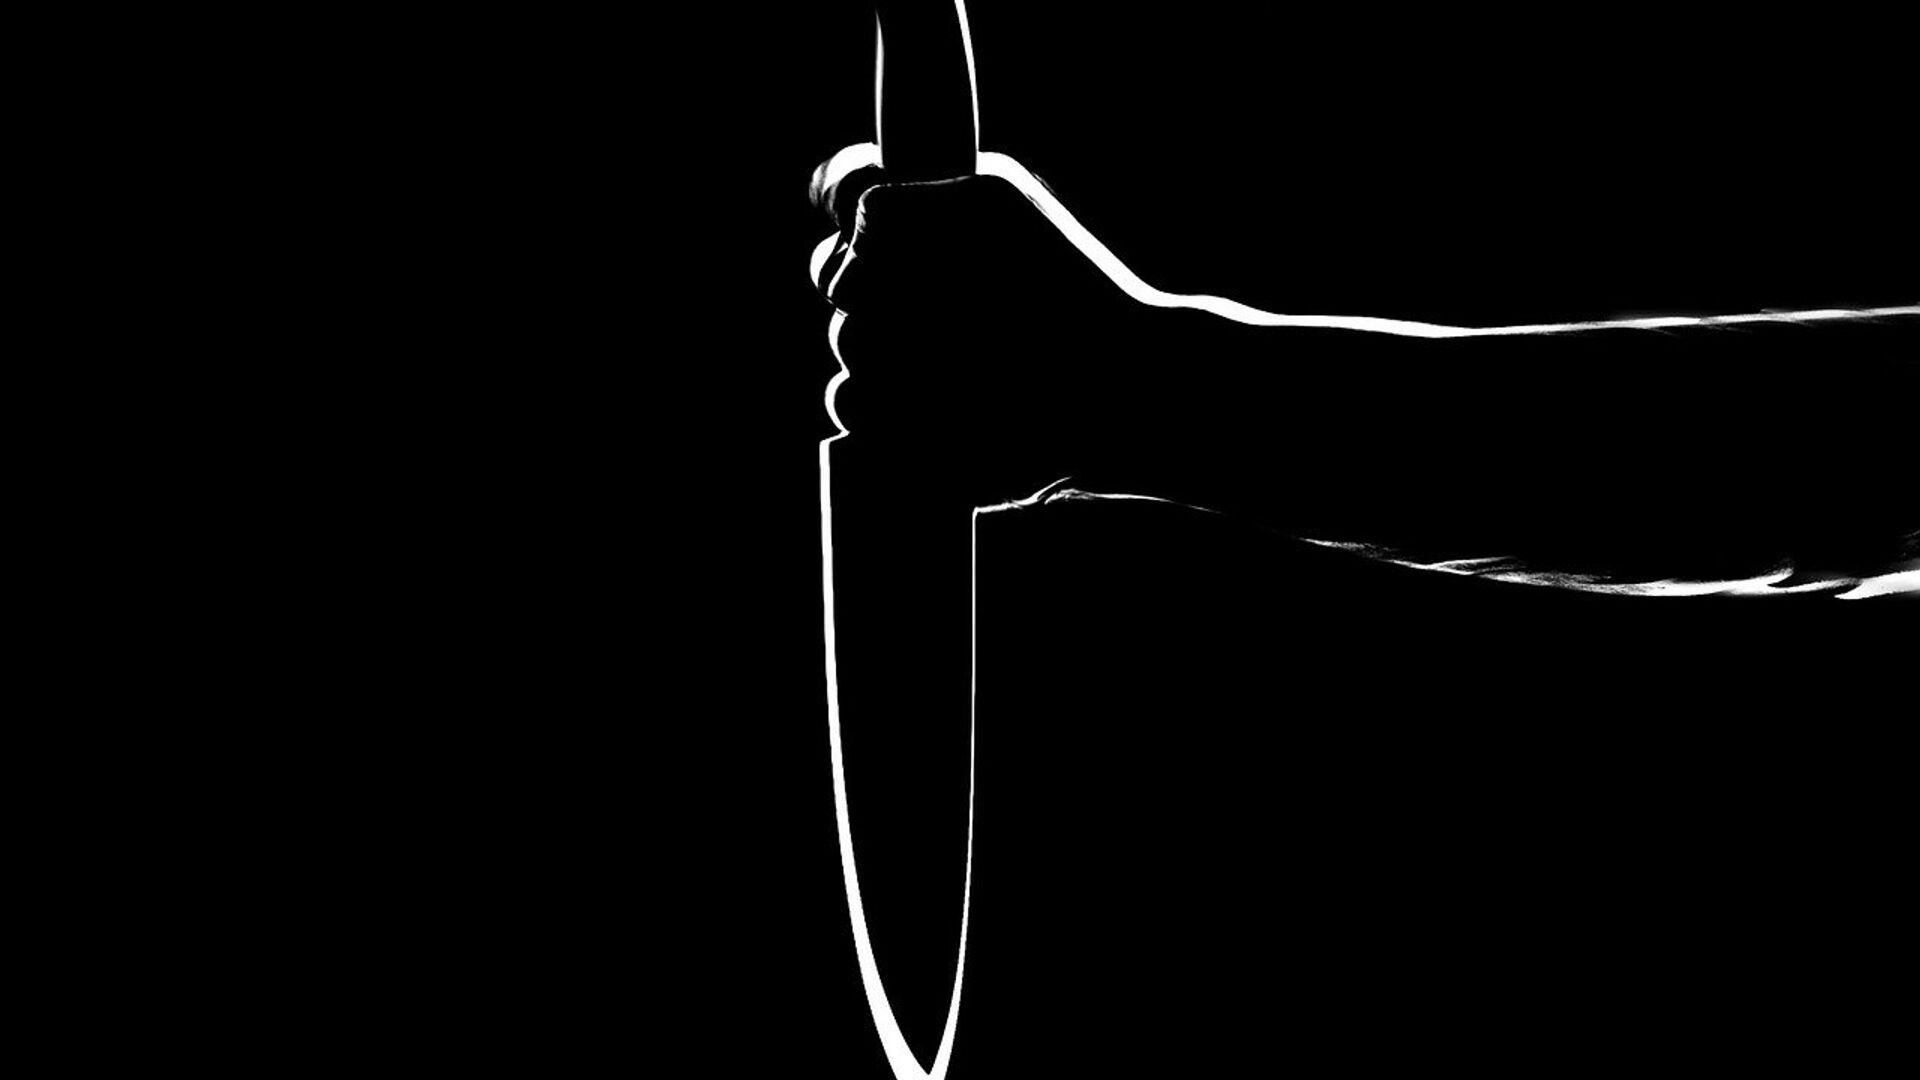 Un cuchillo (imagen referencial) - Sputnik Mundo, 1920, 25.06.2021